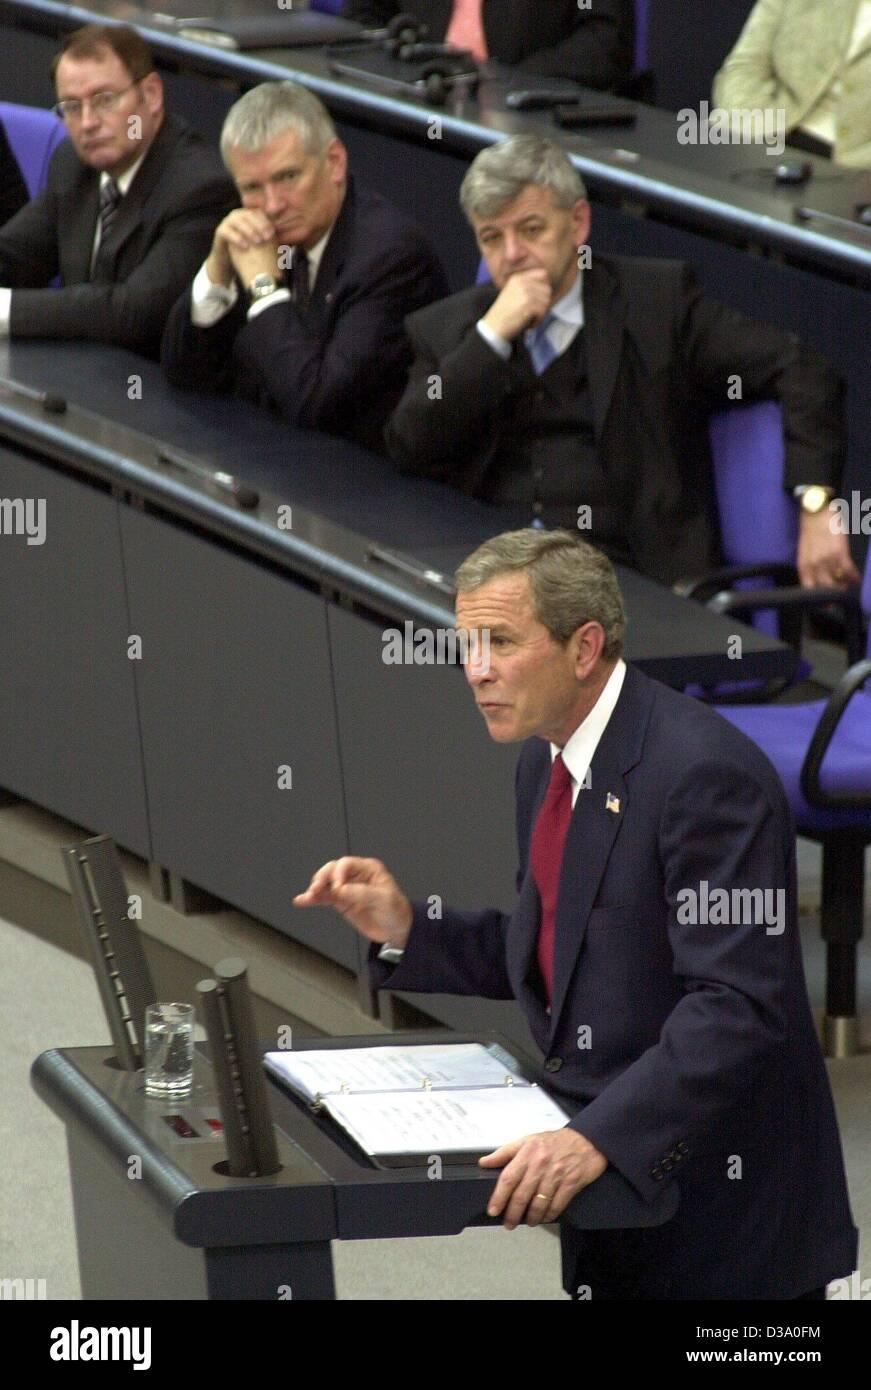 """(Dpa) - El presidente de EEUU, George W. Bush, pronuncia su discurso en el parlamento alemán, el Bundestag en Berlín, mientras que el Ministro de Relaciones Exteriores Joschka Fischer (2R) y el ministro del interior Otto Schily (3R) están escuchando, 23 de mayo de 2002. Llamó a una aparición conjunta europea contra los """"enemigos del libre Foto de stock"""